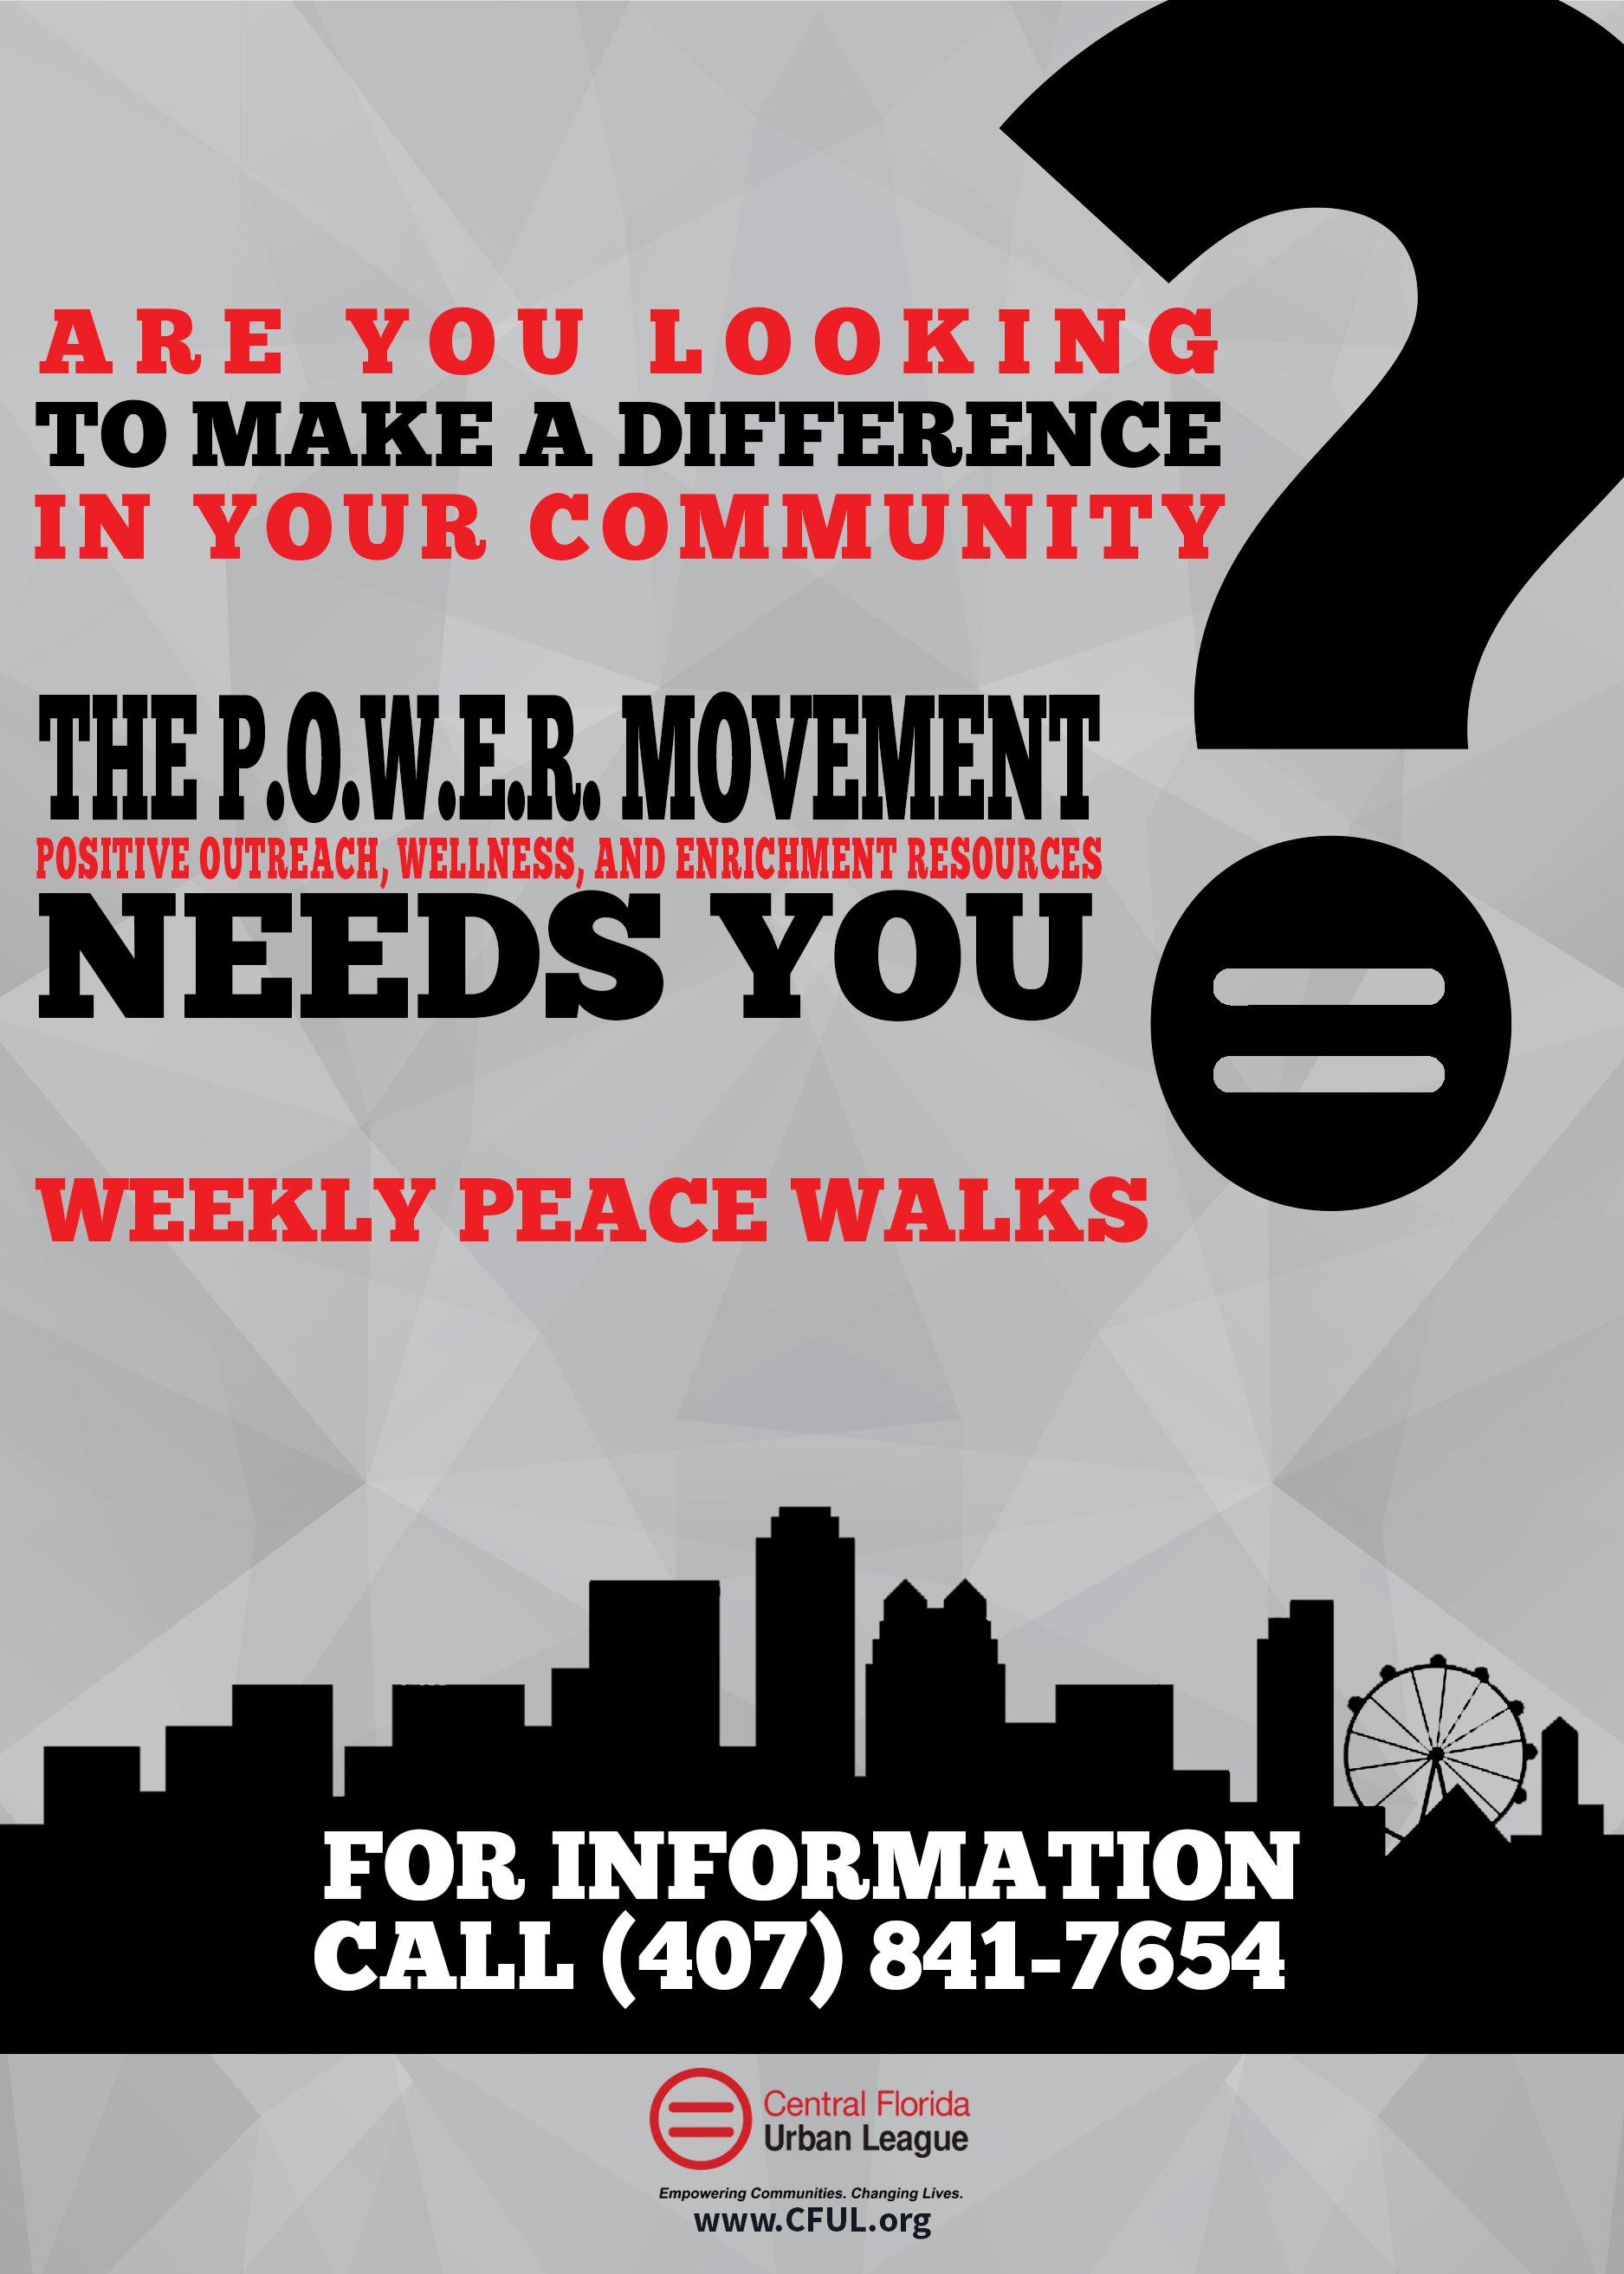 PeaceWalkFinal.jpg